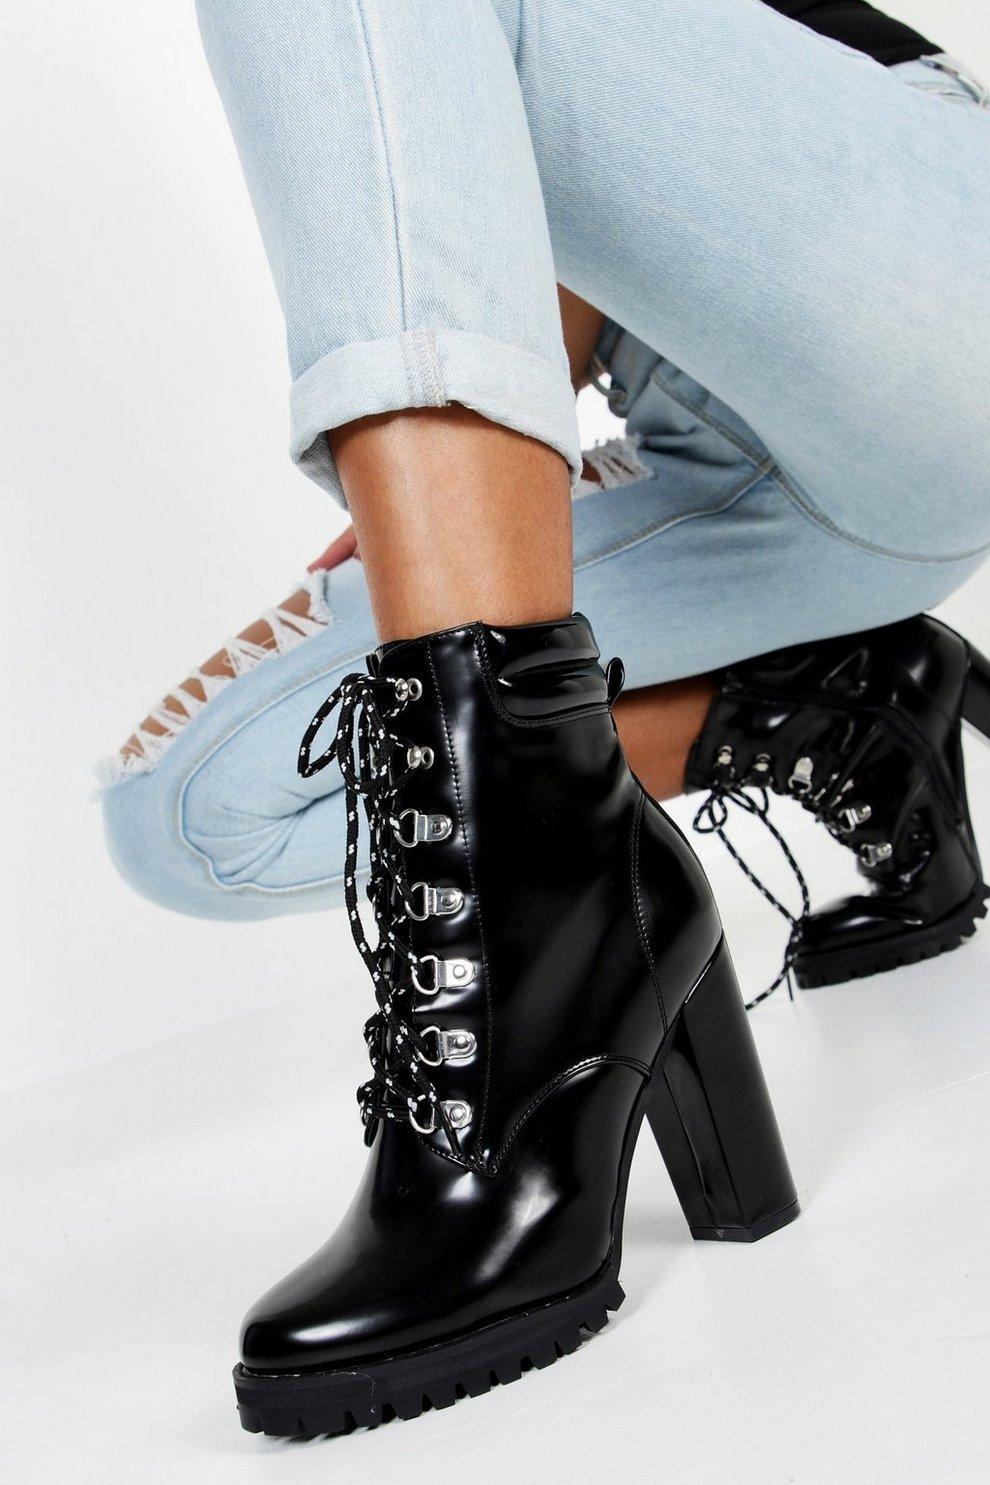 a45c1bebf773b Lace up Heeled Hiker Boots | Boohoo